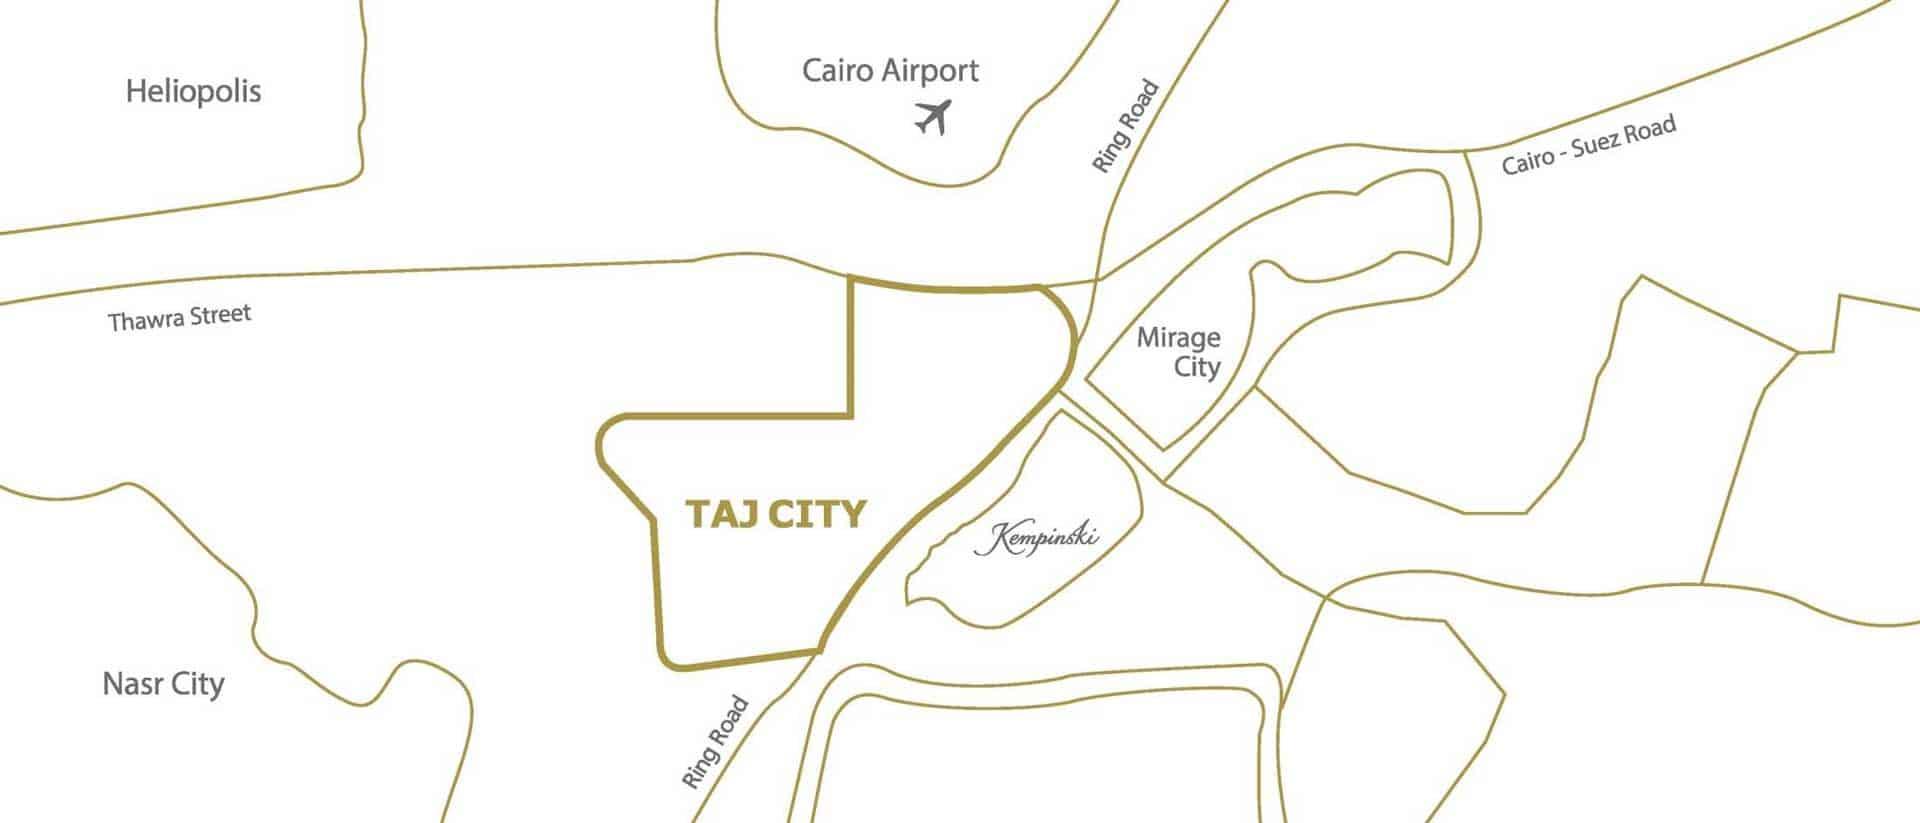 Taj City - تاج سيتي